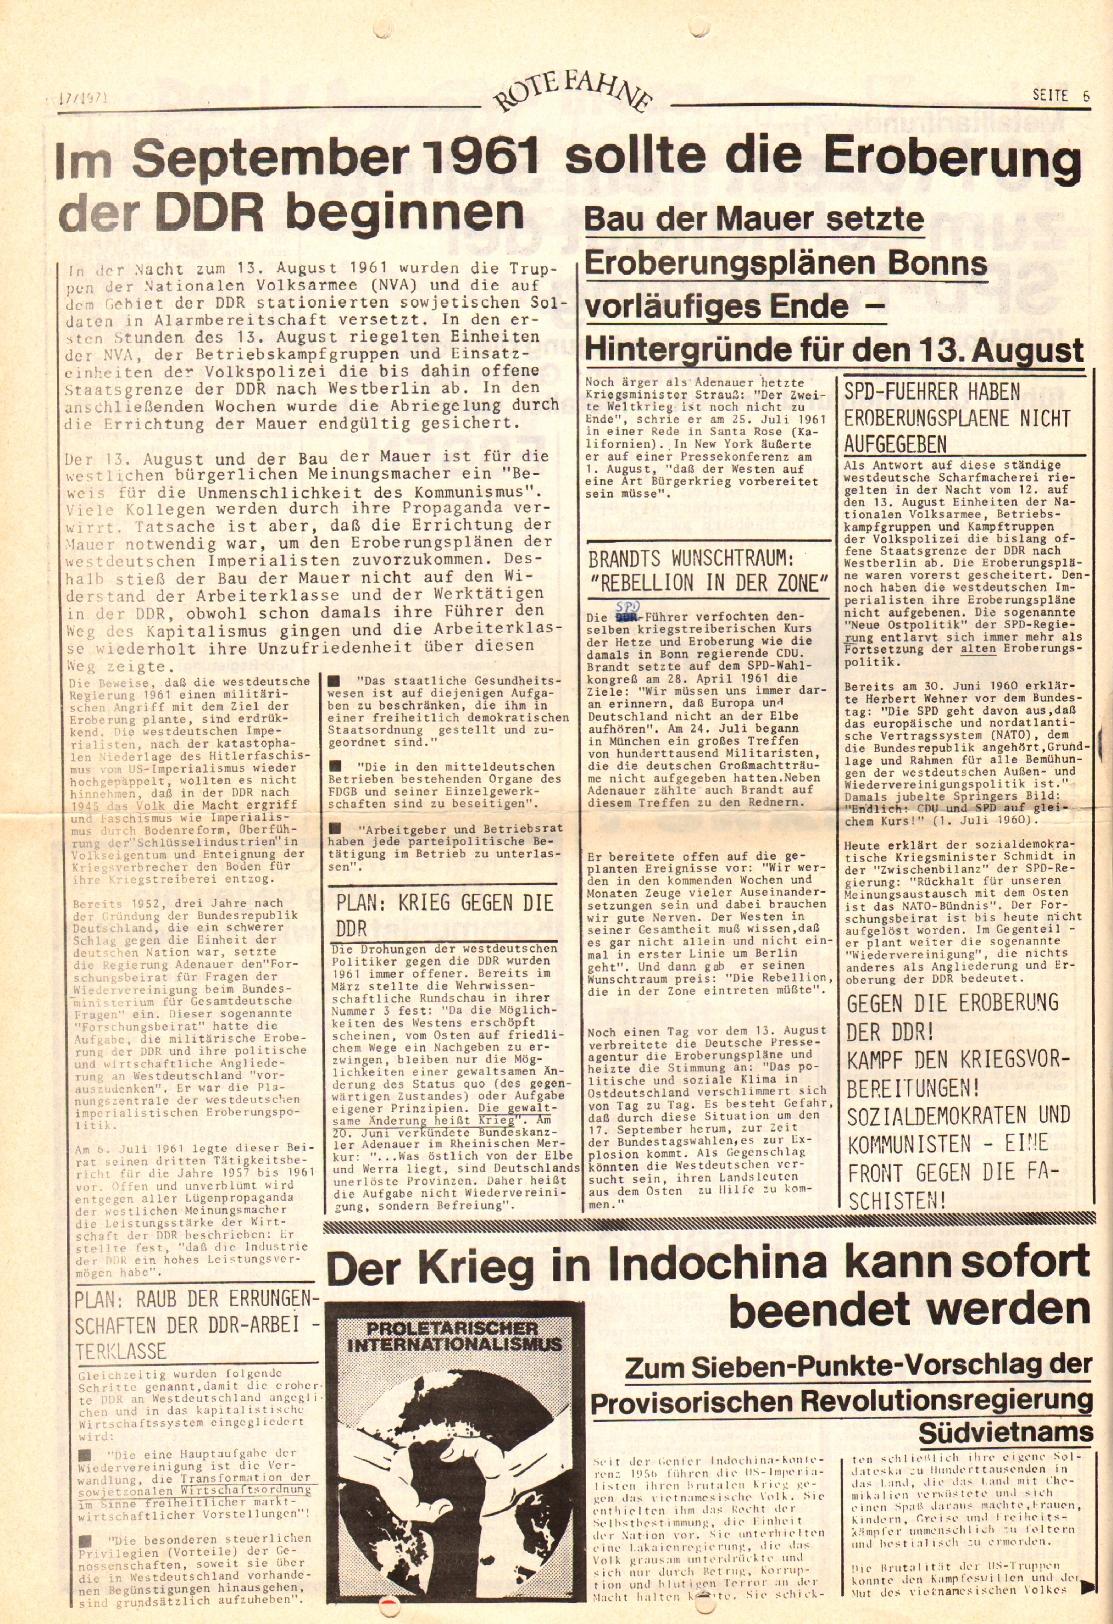 Rote Fahne, 2. Jg., 30.8.1971, Nr. 17, Seite 6